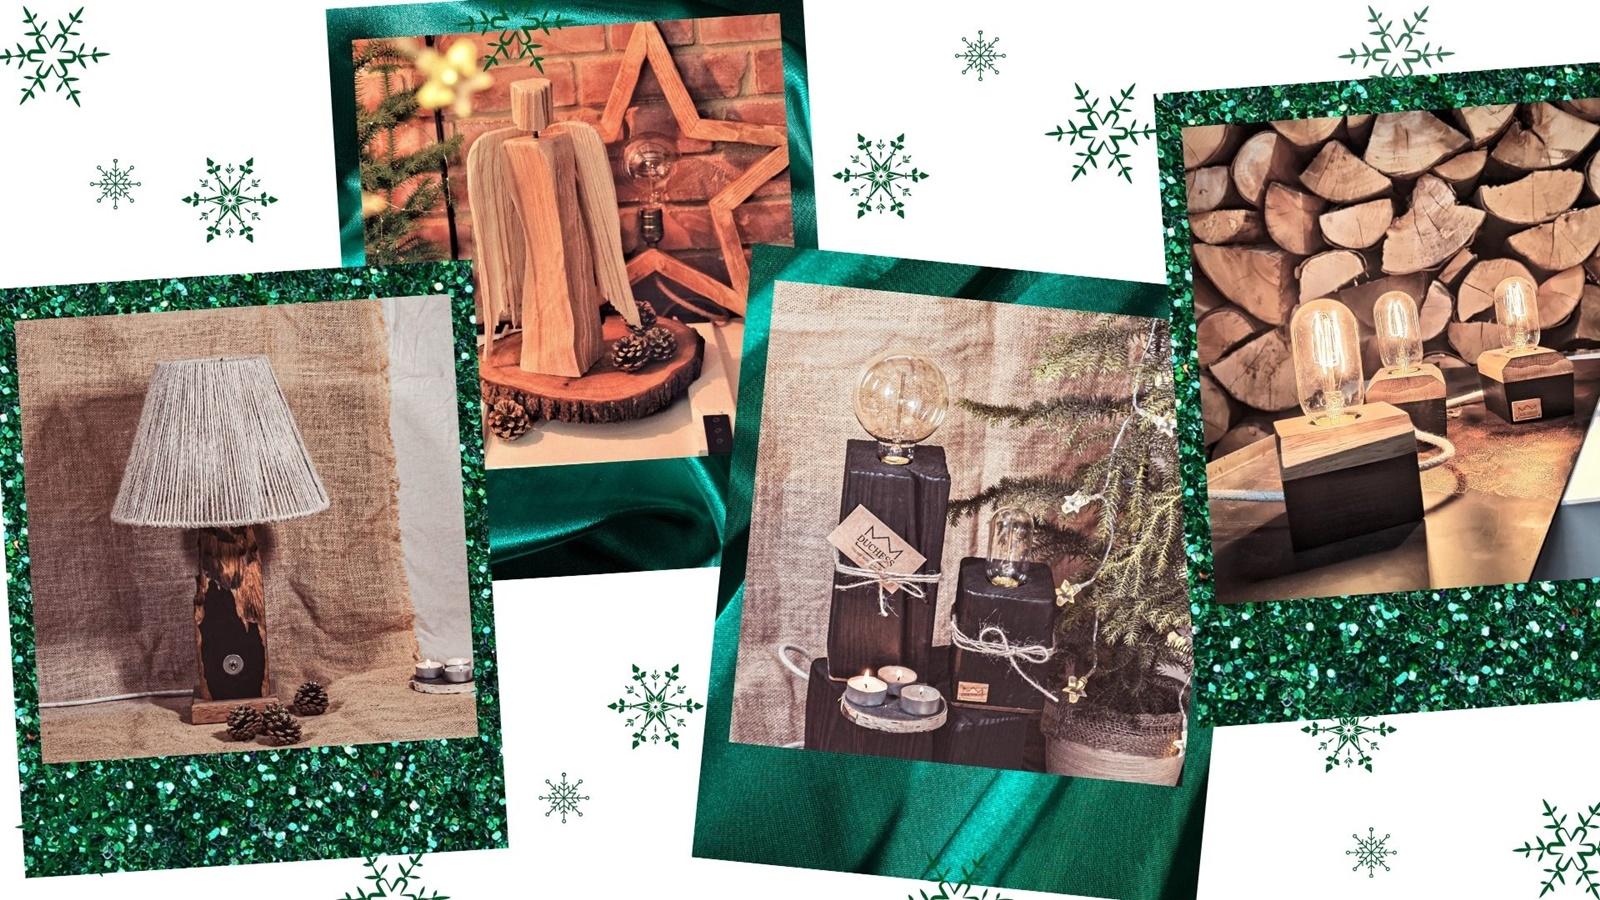 1 duchess drewniane lampy ozdoby lampki zegary handmade pomysł na prezent dla taty dziadka mamy babci co kupić na gwiazde boże narodzenie niebanalne pomyslowe prezenty